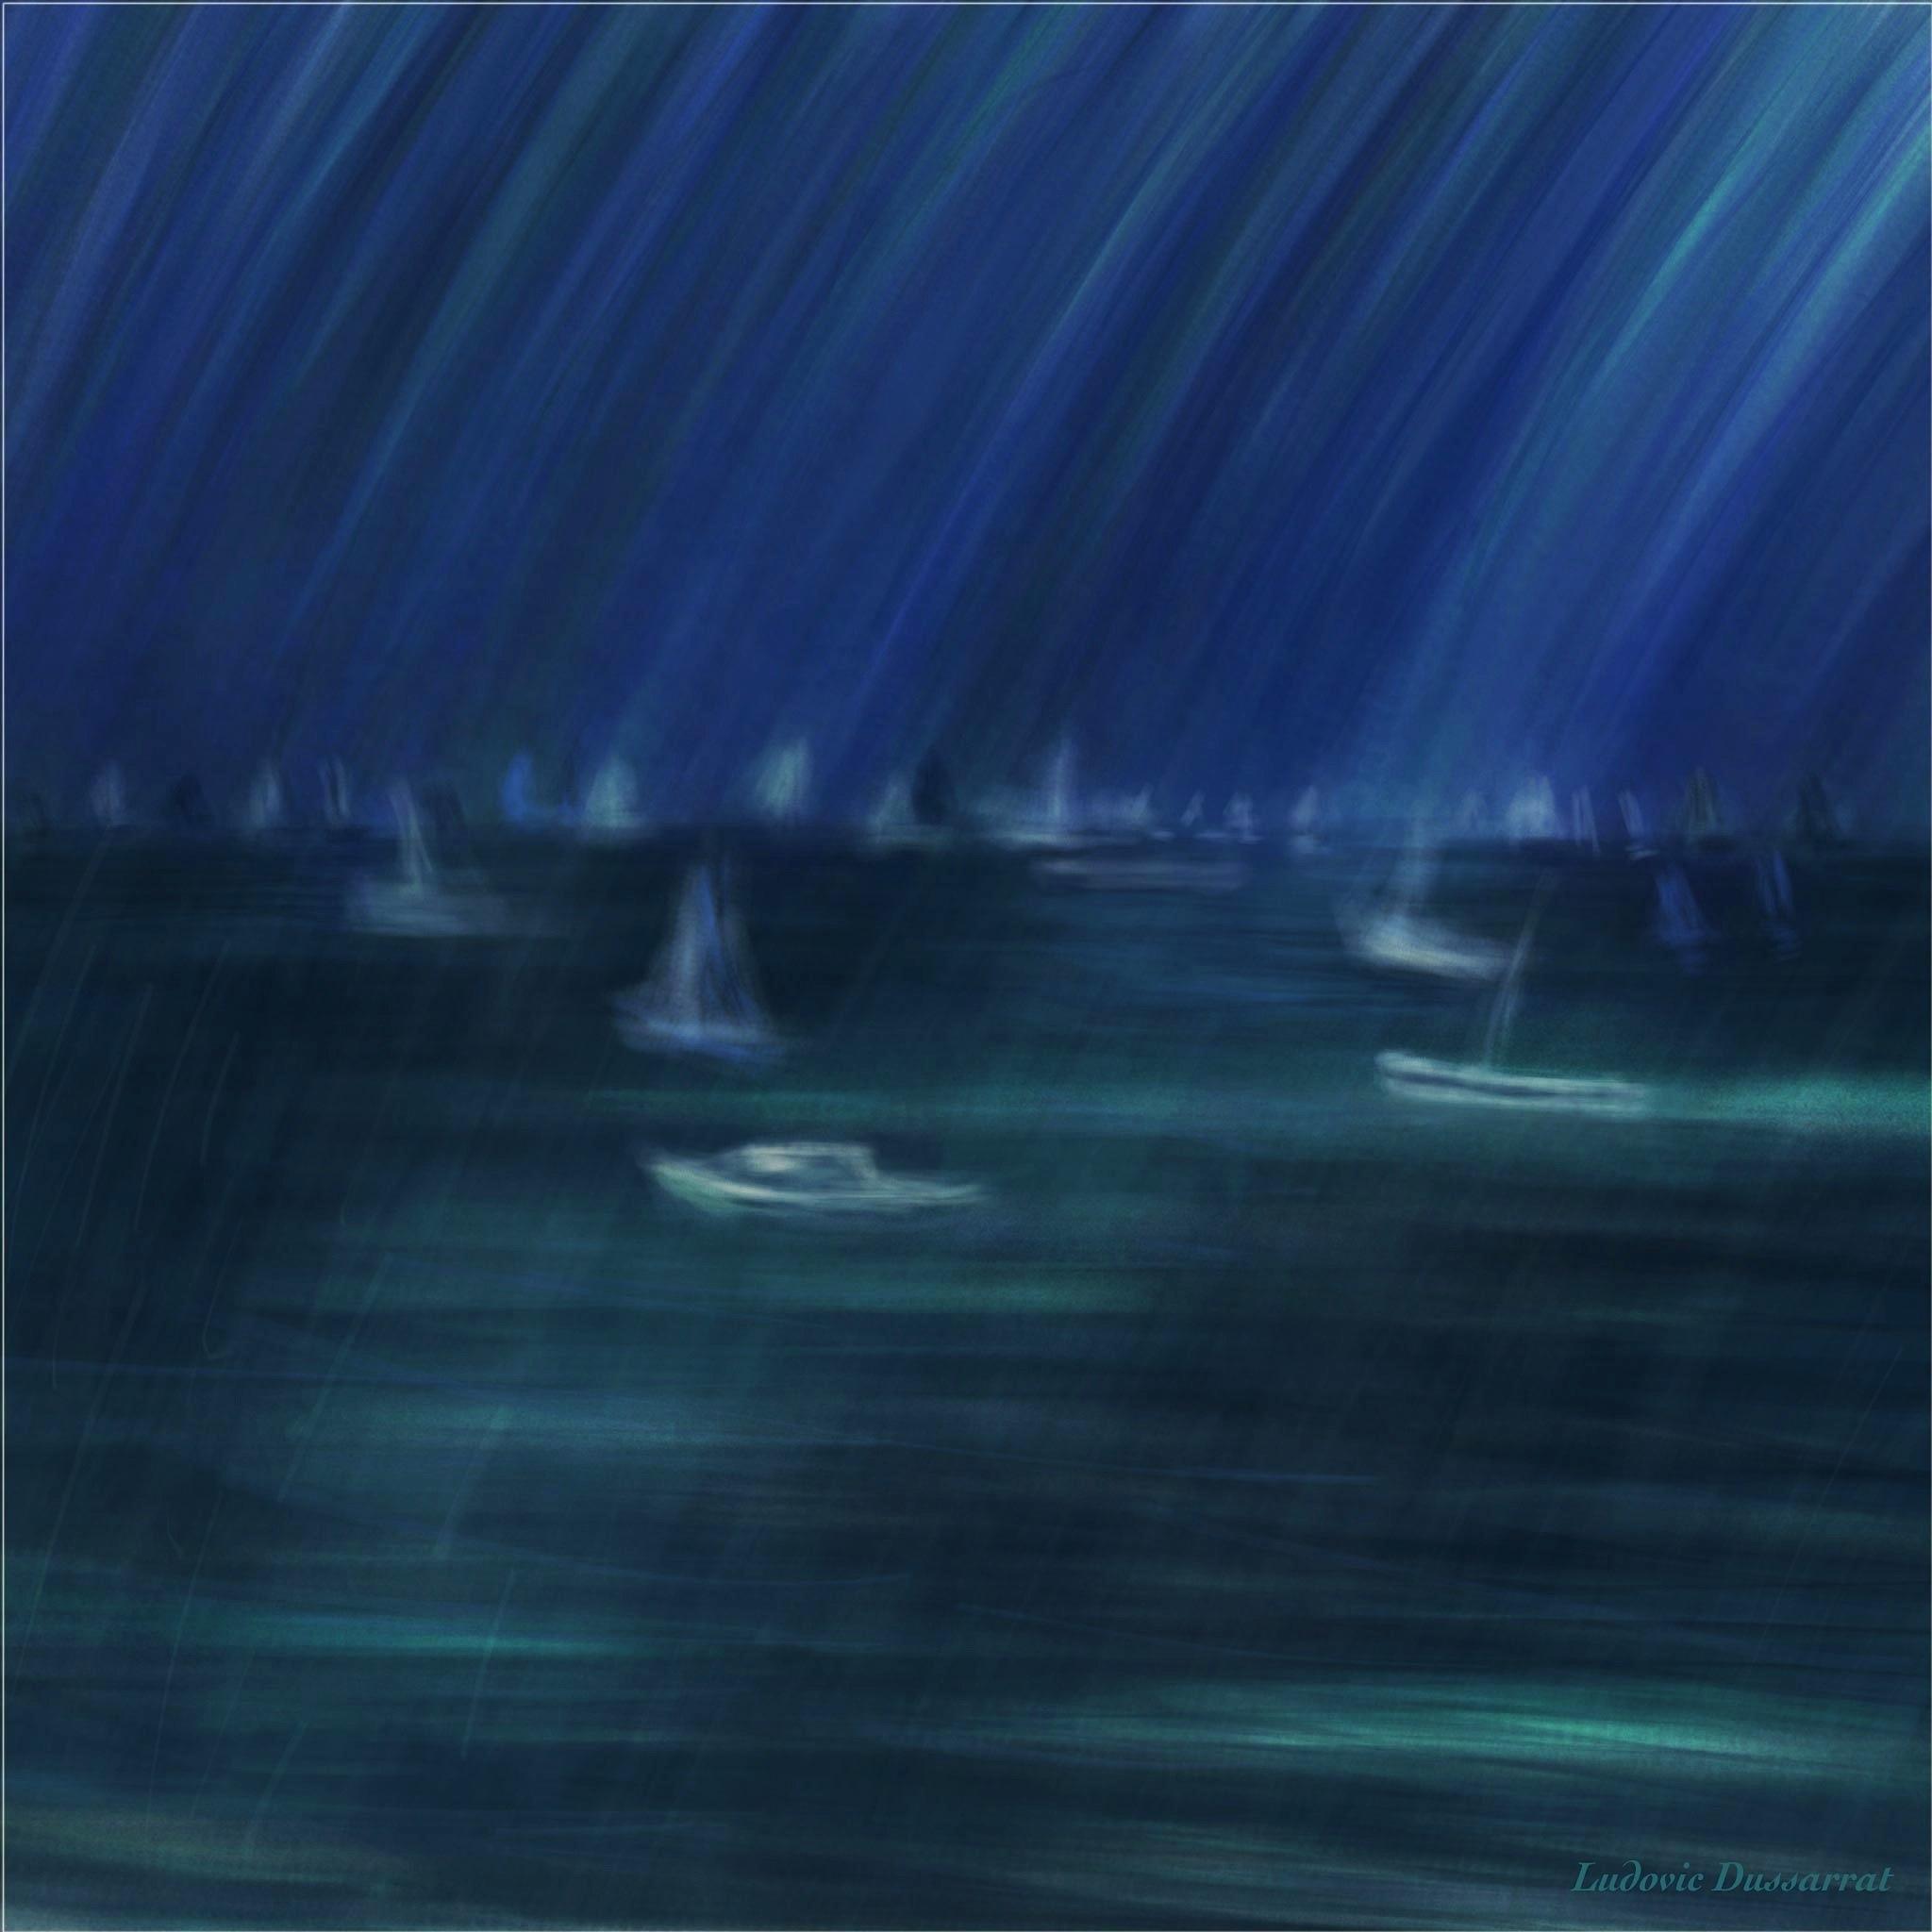 Averses sur le Bassin. Peinture digitale, 72x72, 2015